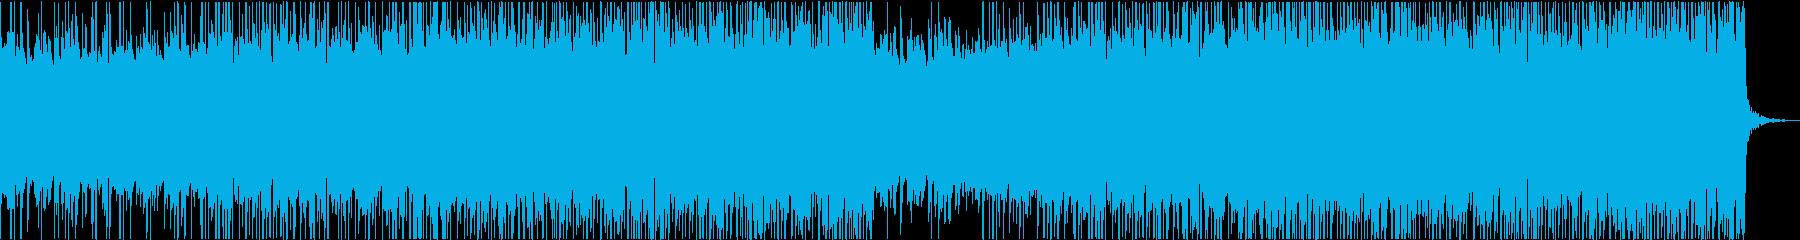 新世紀エレクトロニクス ファンタジ...の再生済みの波形